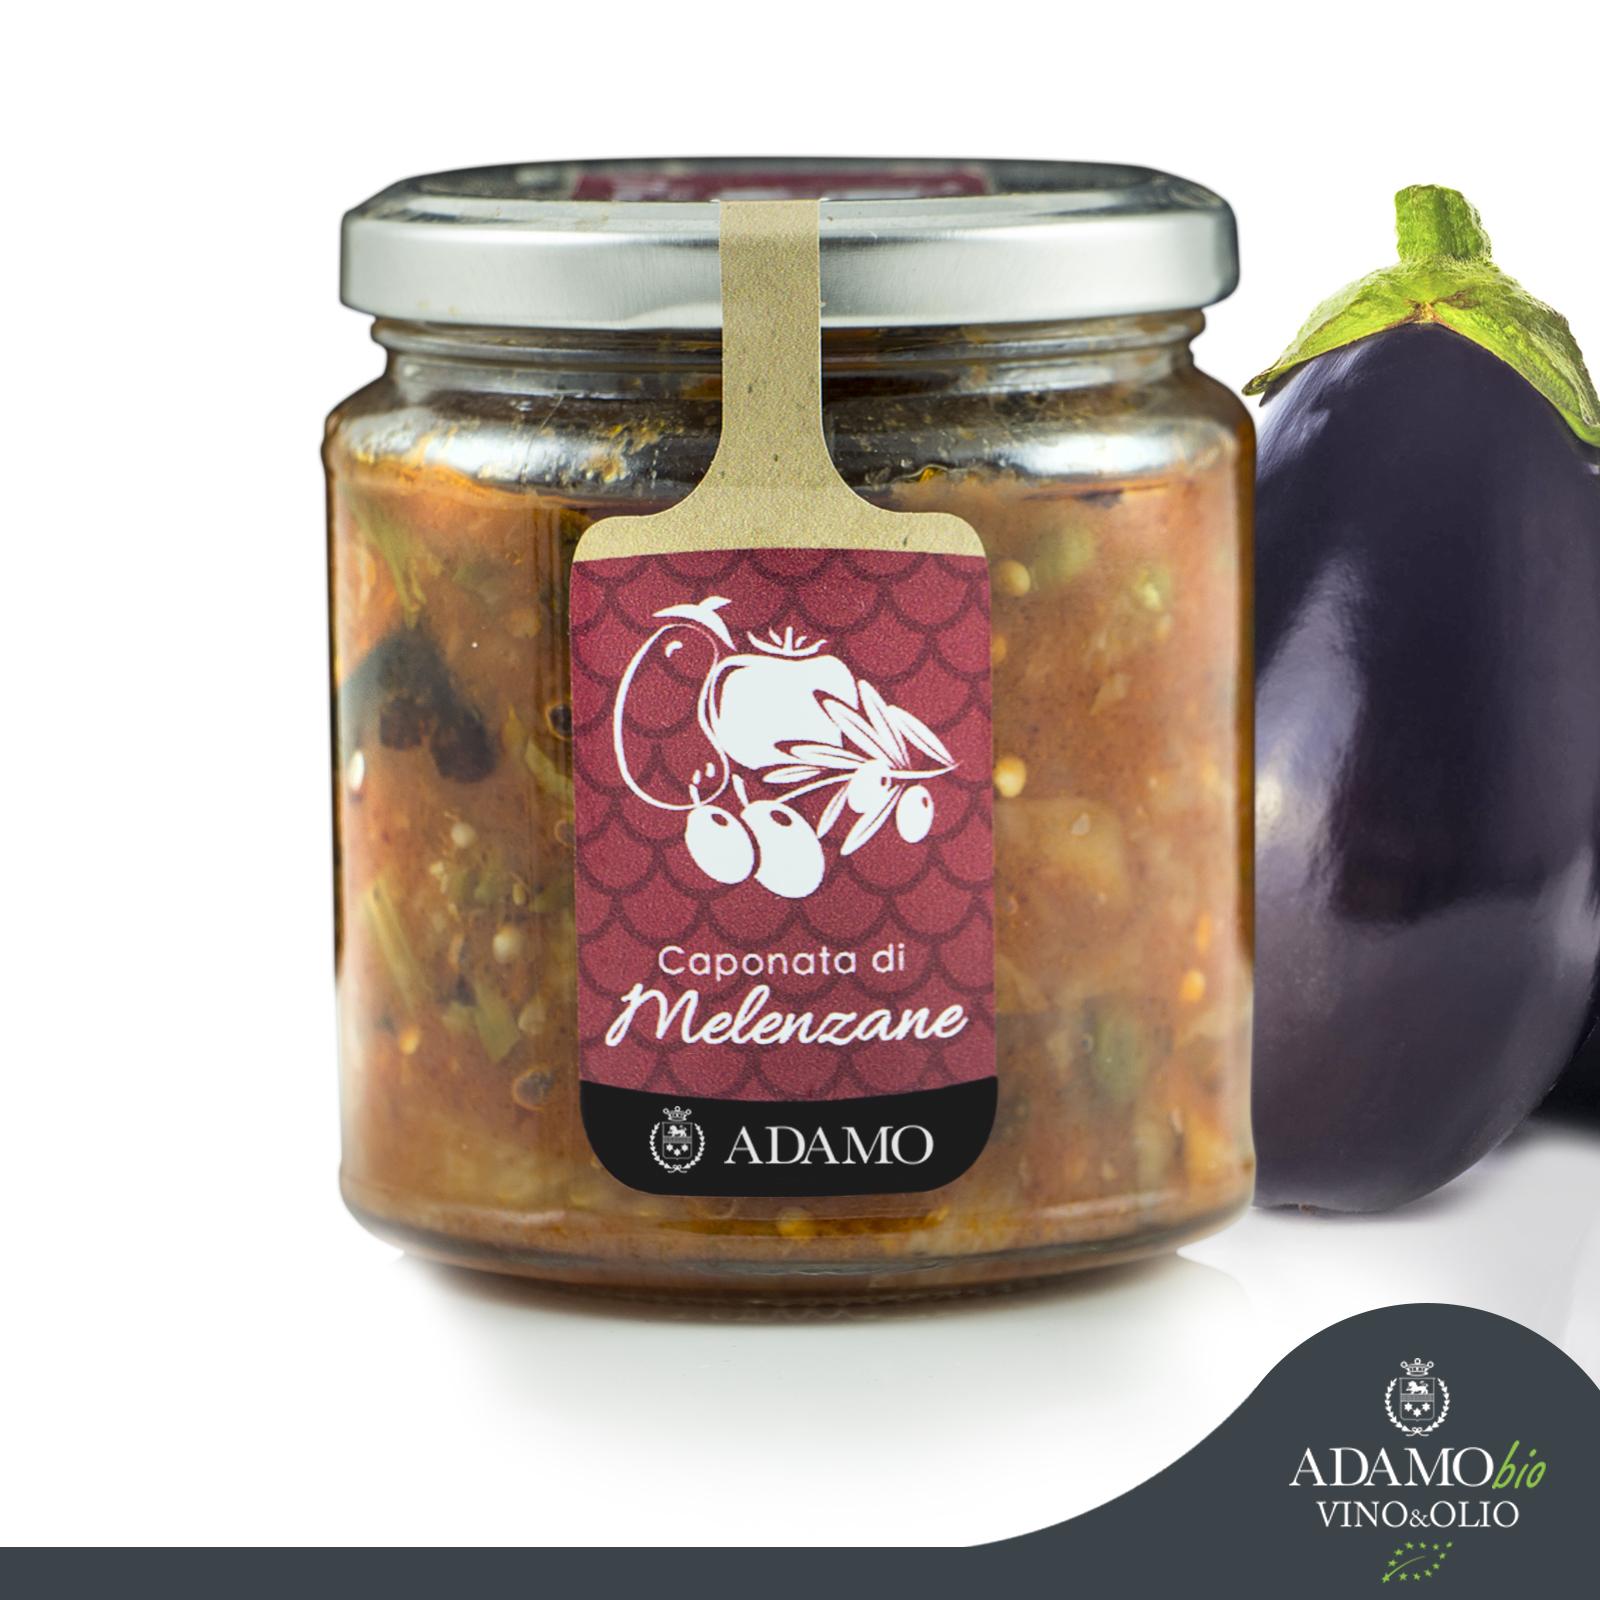 Sicilian Caponata - Azienda Agricola Biologica Adamo